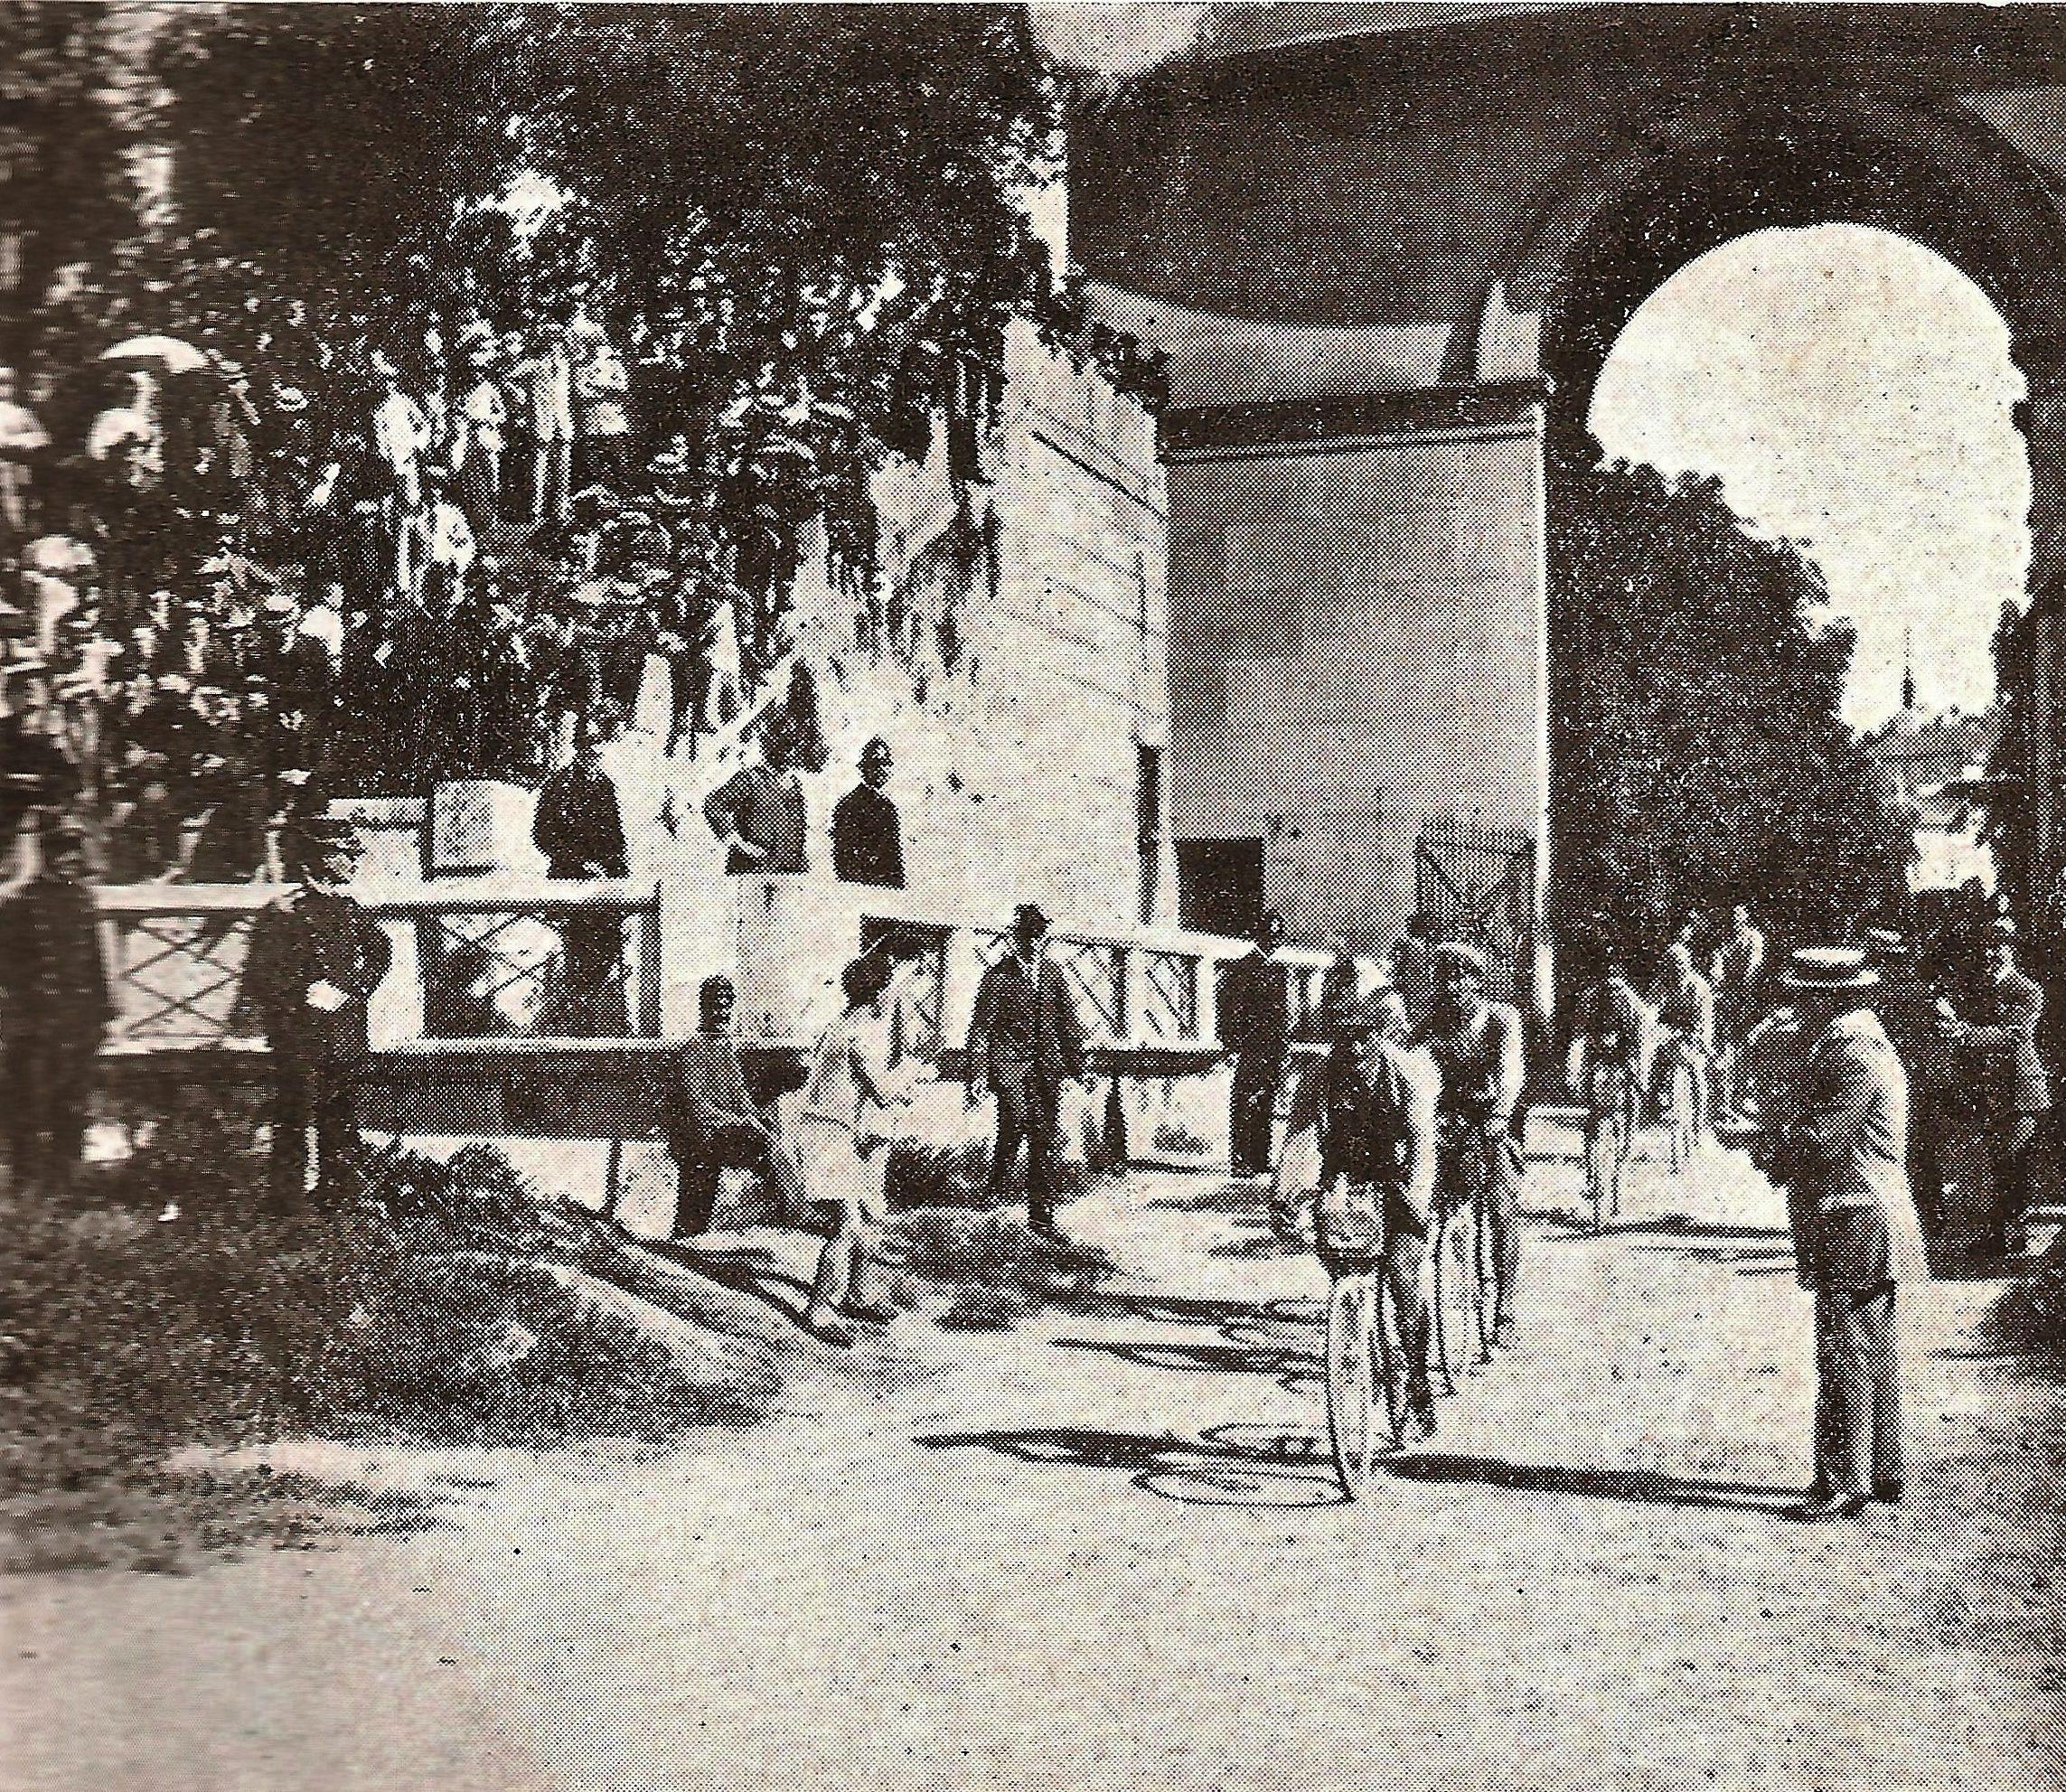 """1910 - Carlo Galetti vincitore, all'arrivo dell'ultima tappa della corsa """"Al mare, ai monti, ai laghi"""", all'Arena di Milano"""